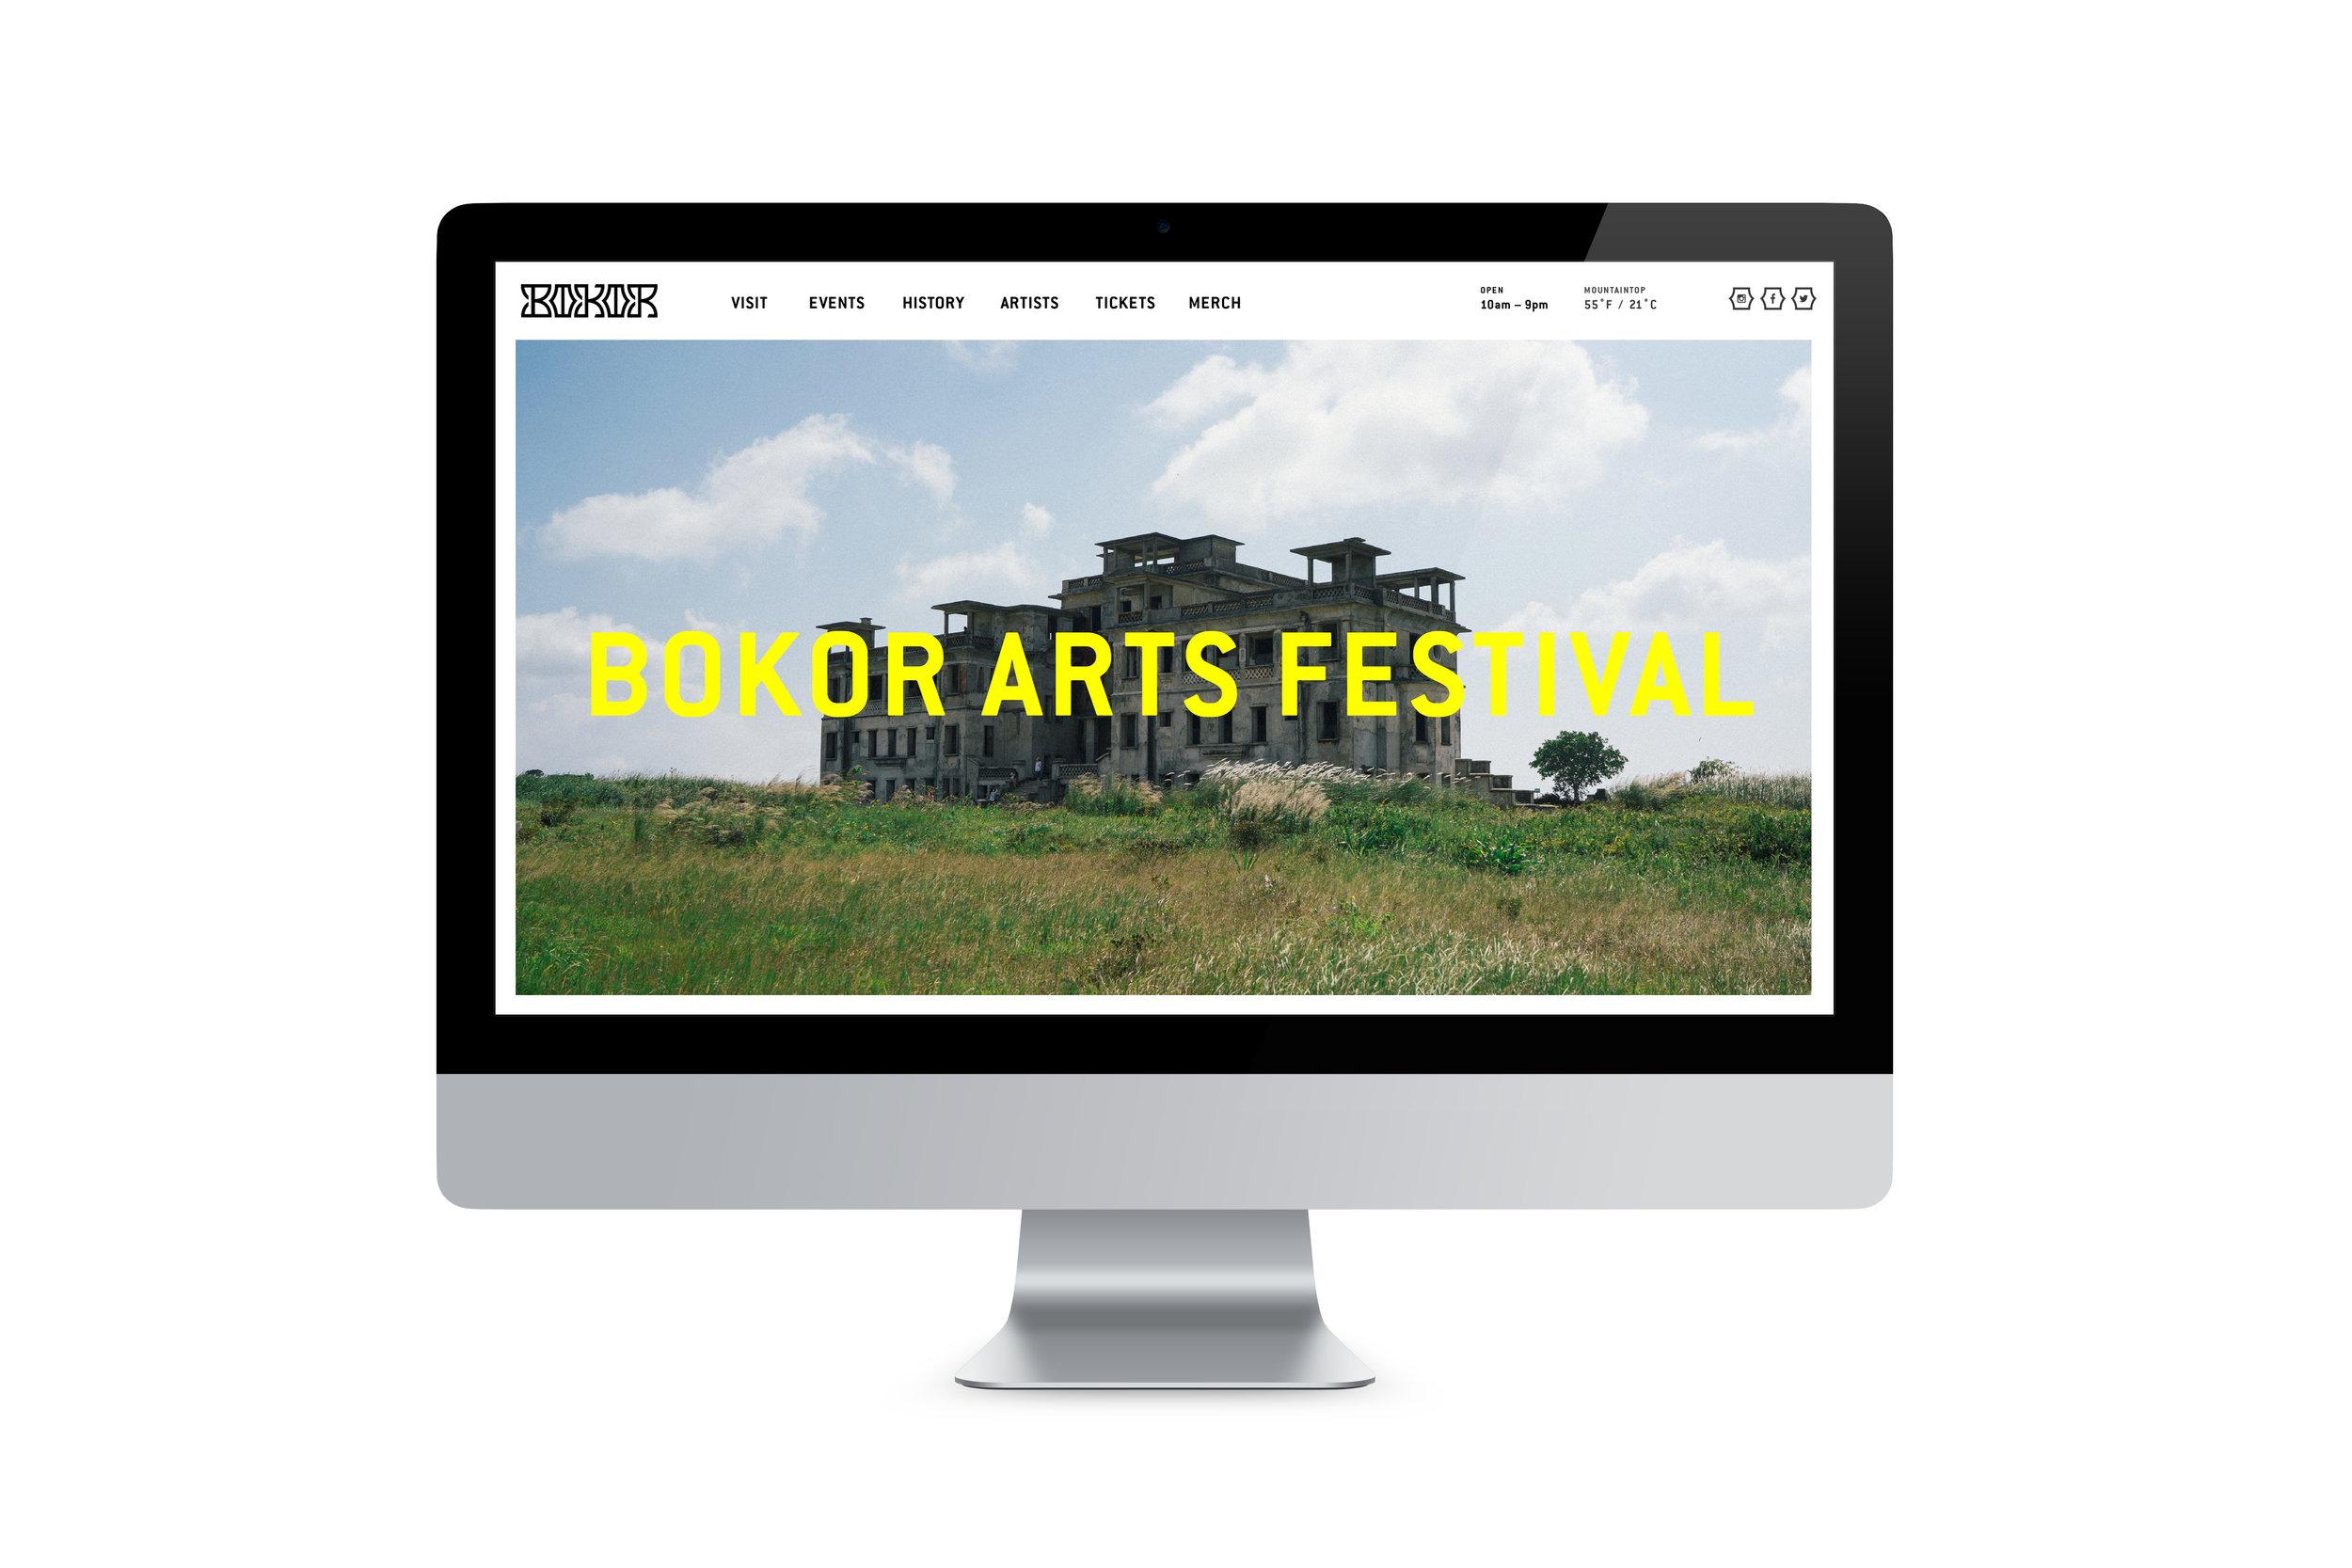 bokor-desktop_homepage.jpg